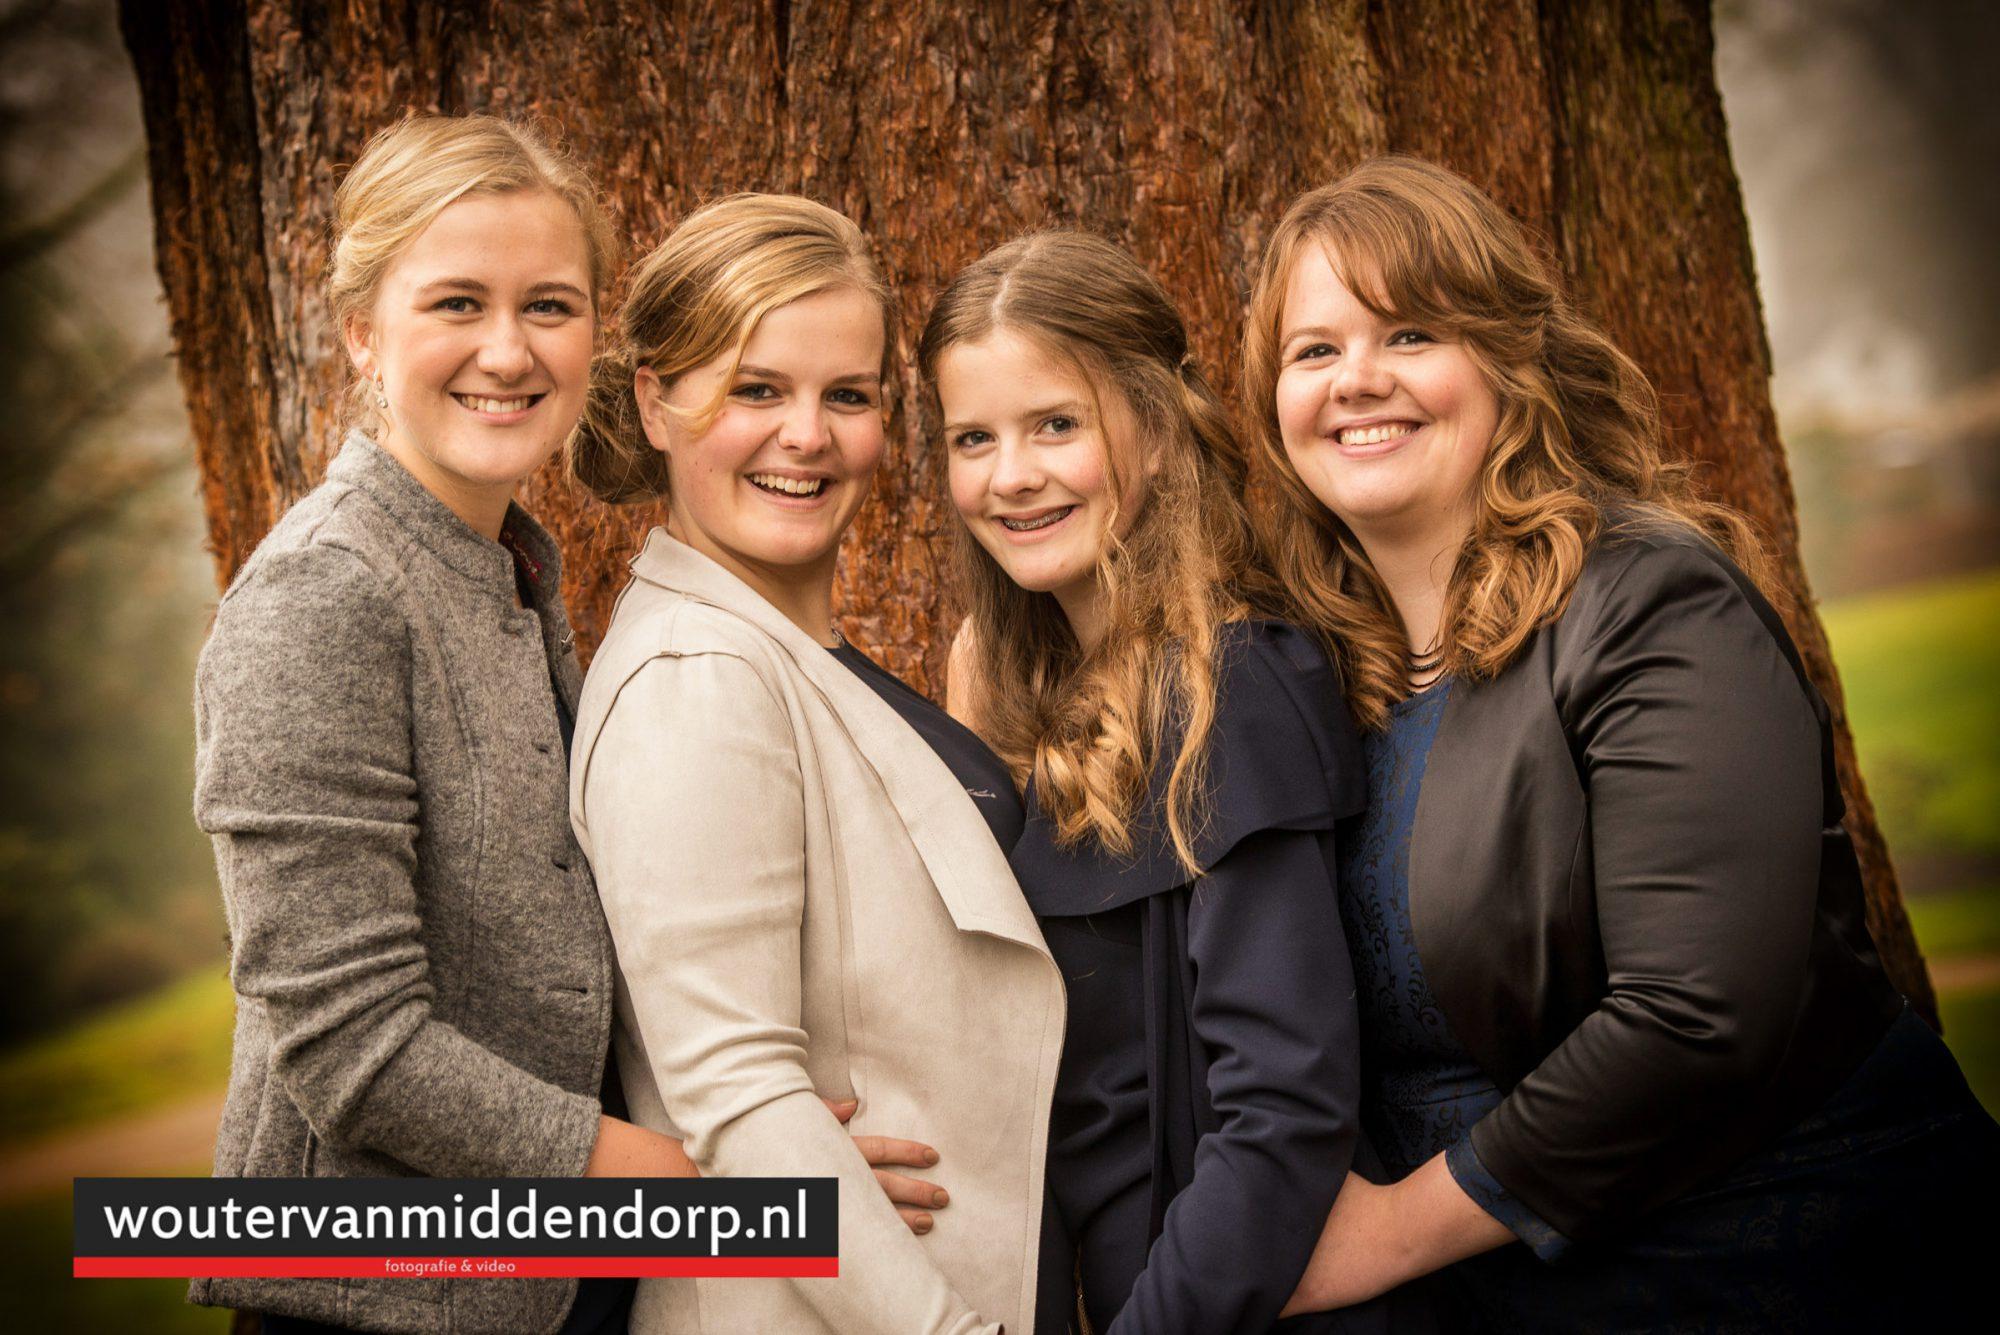 portretfotografie-wouter-van-middendorp-foto-en-video-uddel-140